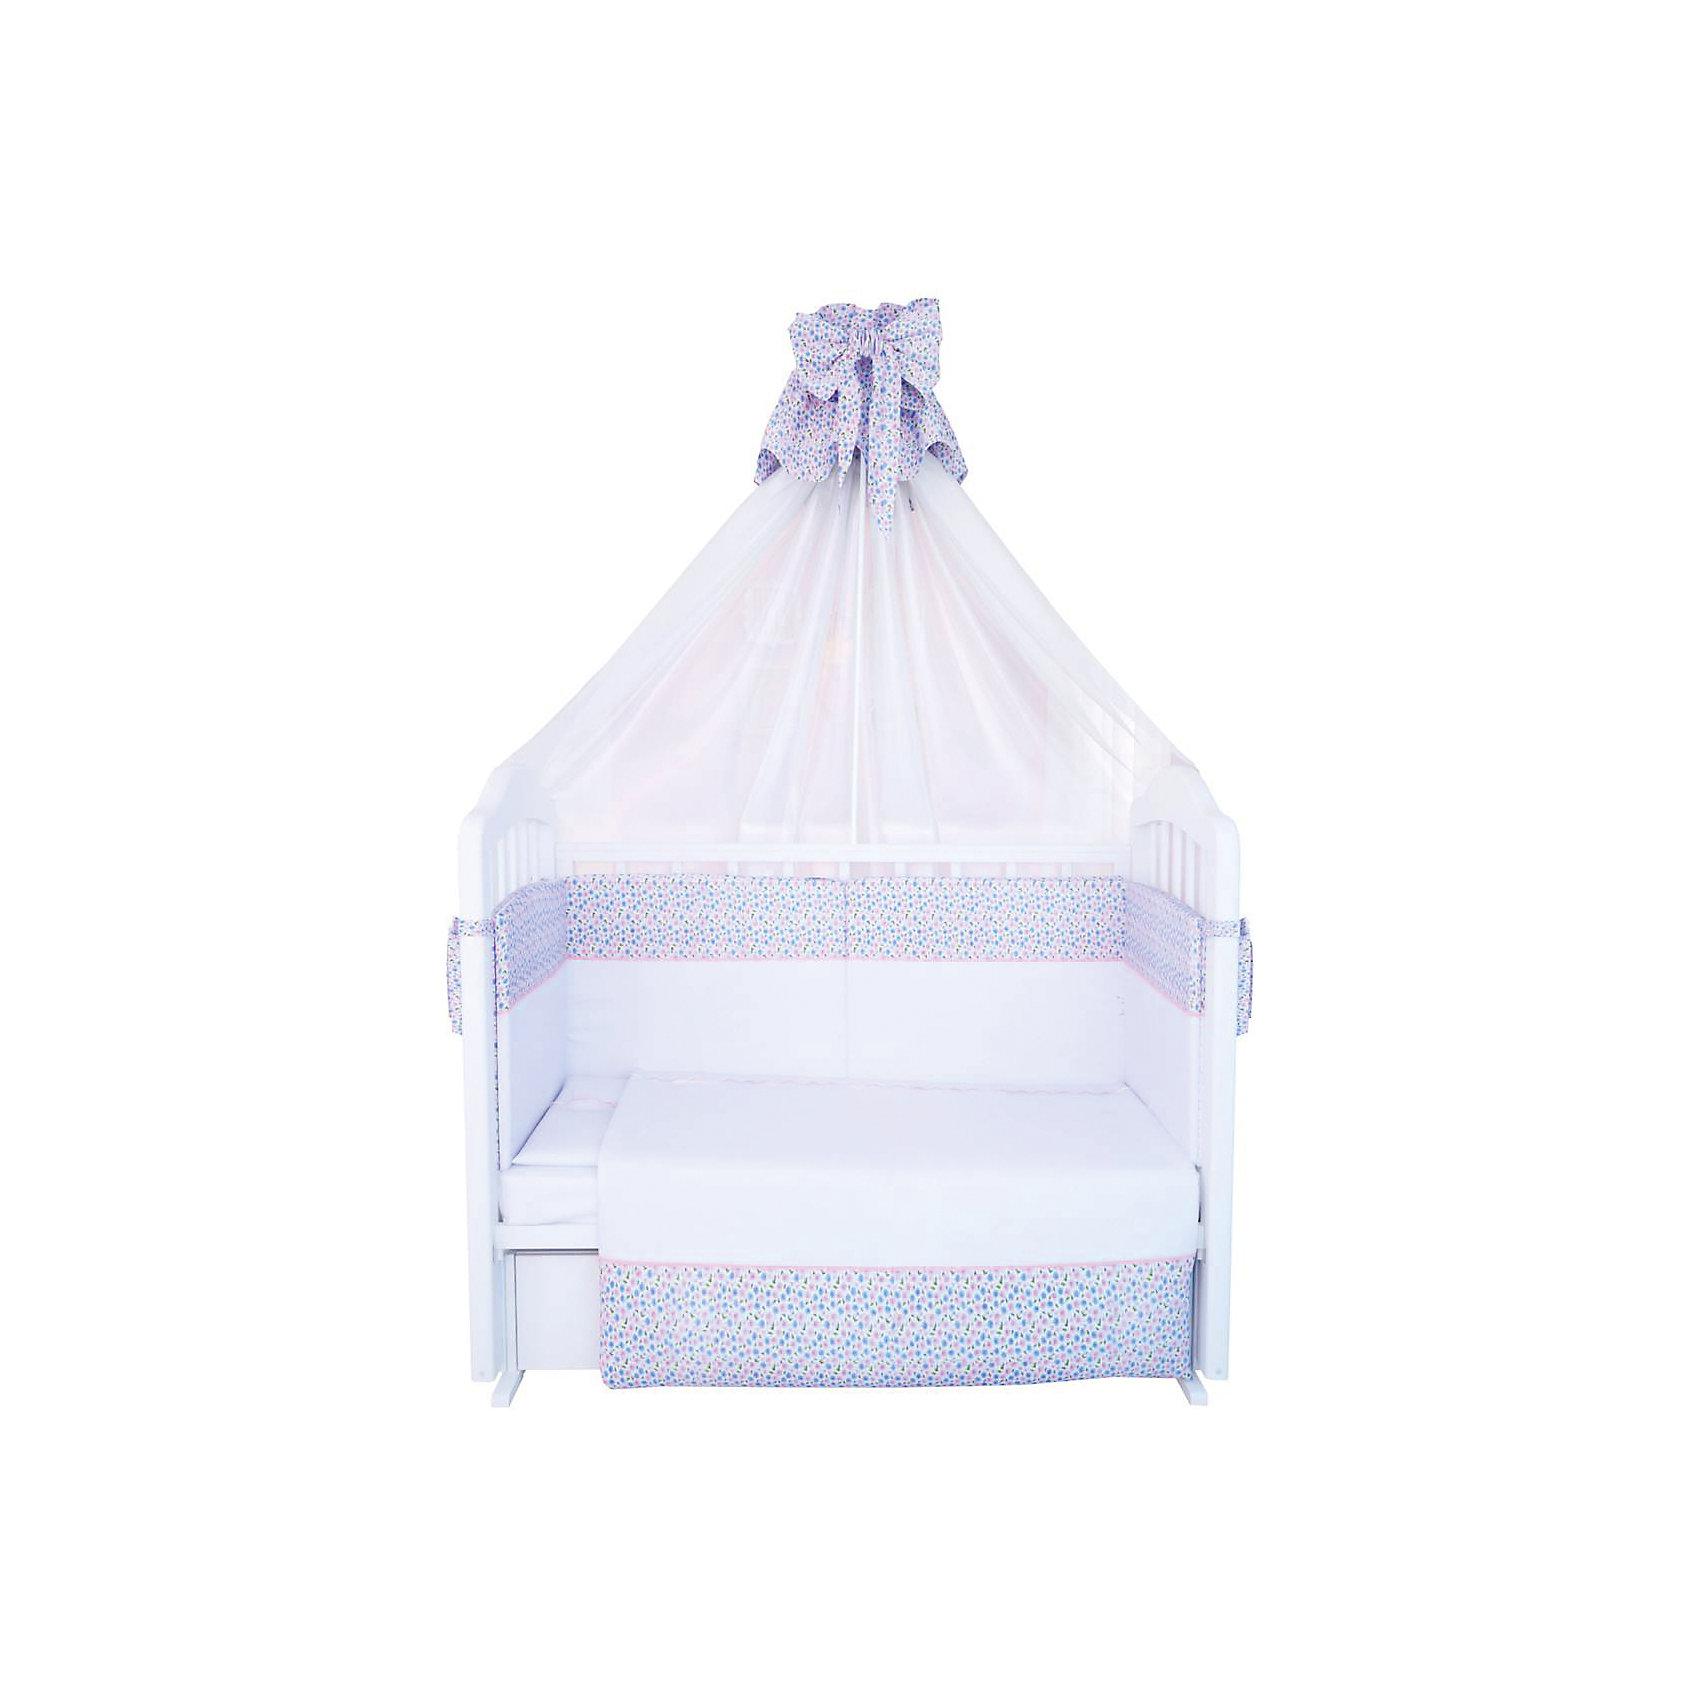 Постельное белье Очарование 7 пред., ФеяПостельное бельё<br>Хорошее постельное белье для детей делается из натуральных материалов. Этот комплект, состоящий из мягкого борта, балдахина, подушки, наволочки, одеяла, пододеяльника и простынки, сшит из хлопка, гипоаллергенного, приятного на ощупь и позволяющего коже дышать. Наполнитель - холлофайбер - обеспечит малышу комфорт и тепло.<br>Все предметы из набора - стандартных размеров, отлично подойдут к обычной кроватке. Простыня - на резинке, это поможет обеспечить малышу комфорт на всю ночь. Комплект украшен вставками из ткани с принтом - на нем малышу будет приятно засыпать! Симпатичная расцветка комплекта отлично подойдет к интерьеру детской.<br><br>Дополнительная информация:<br><br>цвет: белый, принт;<br>материал: 100% хлопок, вуаль, холлофайбер;<br>мягкий: 360 х 35 см;<br>балдахин: 150 х 300 см;<br>подушка: 40 х 60 см; <br>наволочка: 60 х 40 см;<br>одеяло: 110 х 140 см;<br>пододеяльник: 110 х 140 см;<br>простыня на резинке: 120 х 60 см.<br><br>Постельное белье Очарование 7 пред., торговой марки Фея можно купить в нашем магазине.<br><br>Ширина мм: 500<br>Глубина мм: 600<br>Высота мм: 100<br>Вес г: 3200<br>Возраст от месяцев: 0<br>Возраст до месяцев: 36<br>Пол: Унисекс<br>Возраст: Детский<br>SKU: 4873640